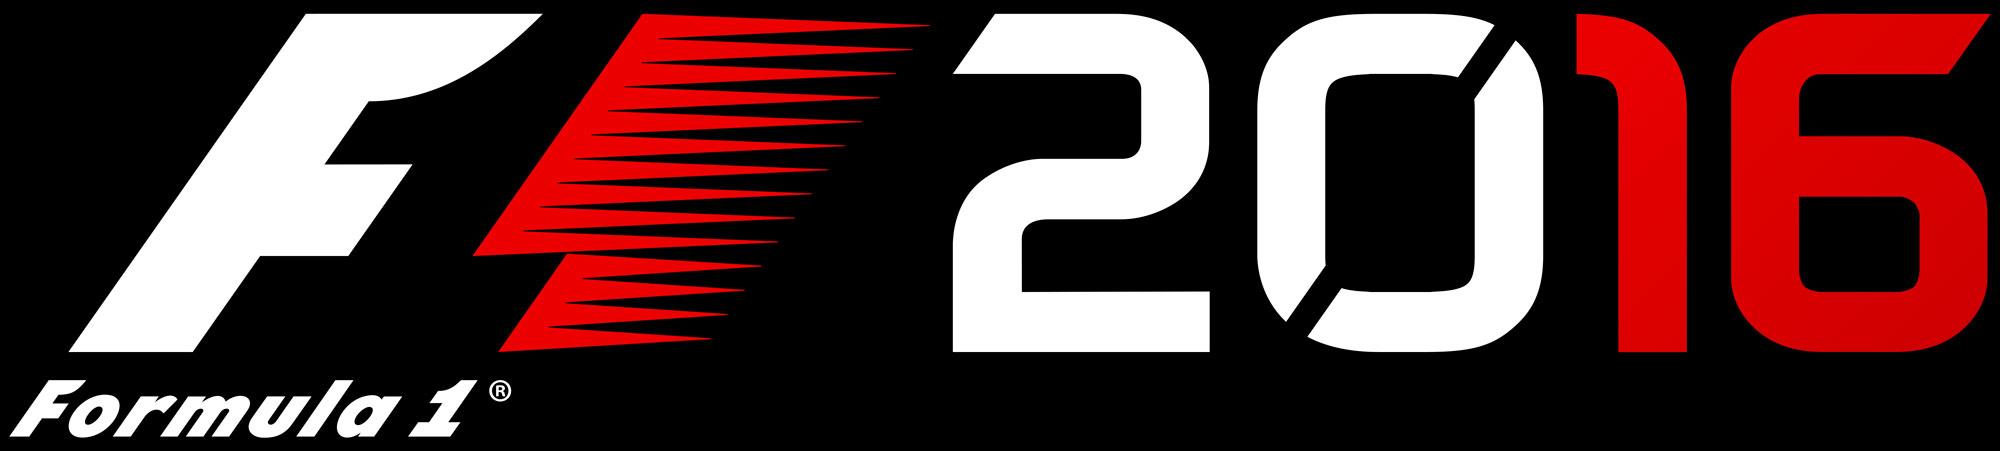 F1-2016-logo-wt